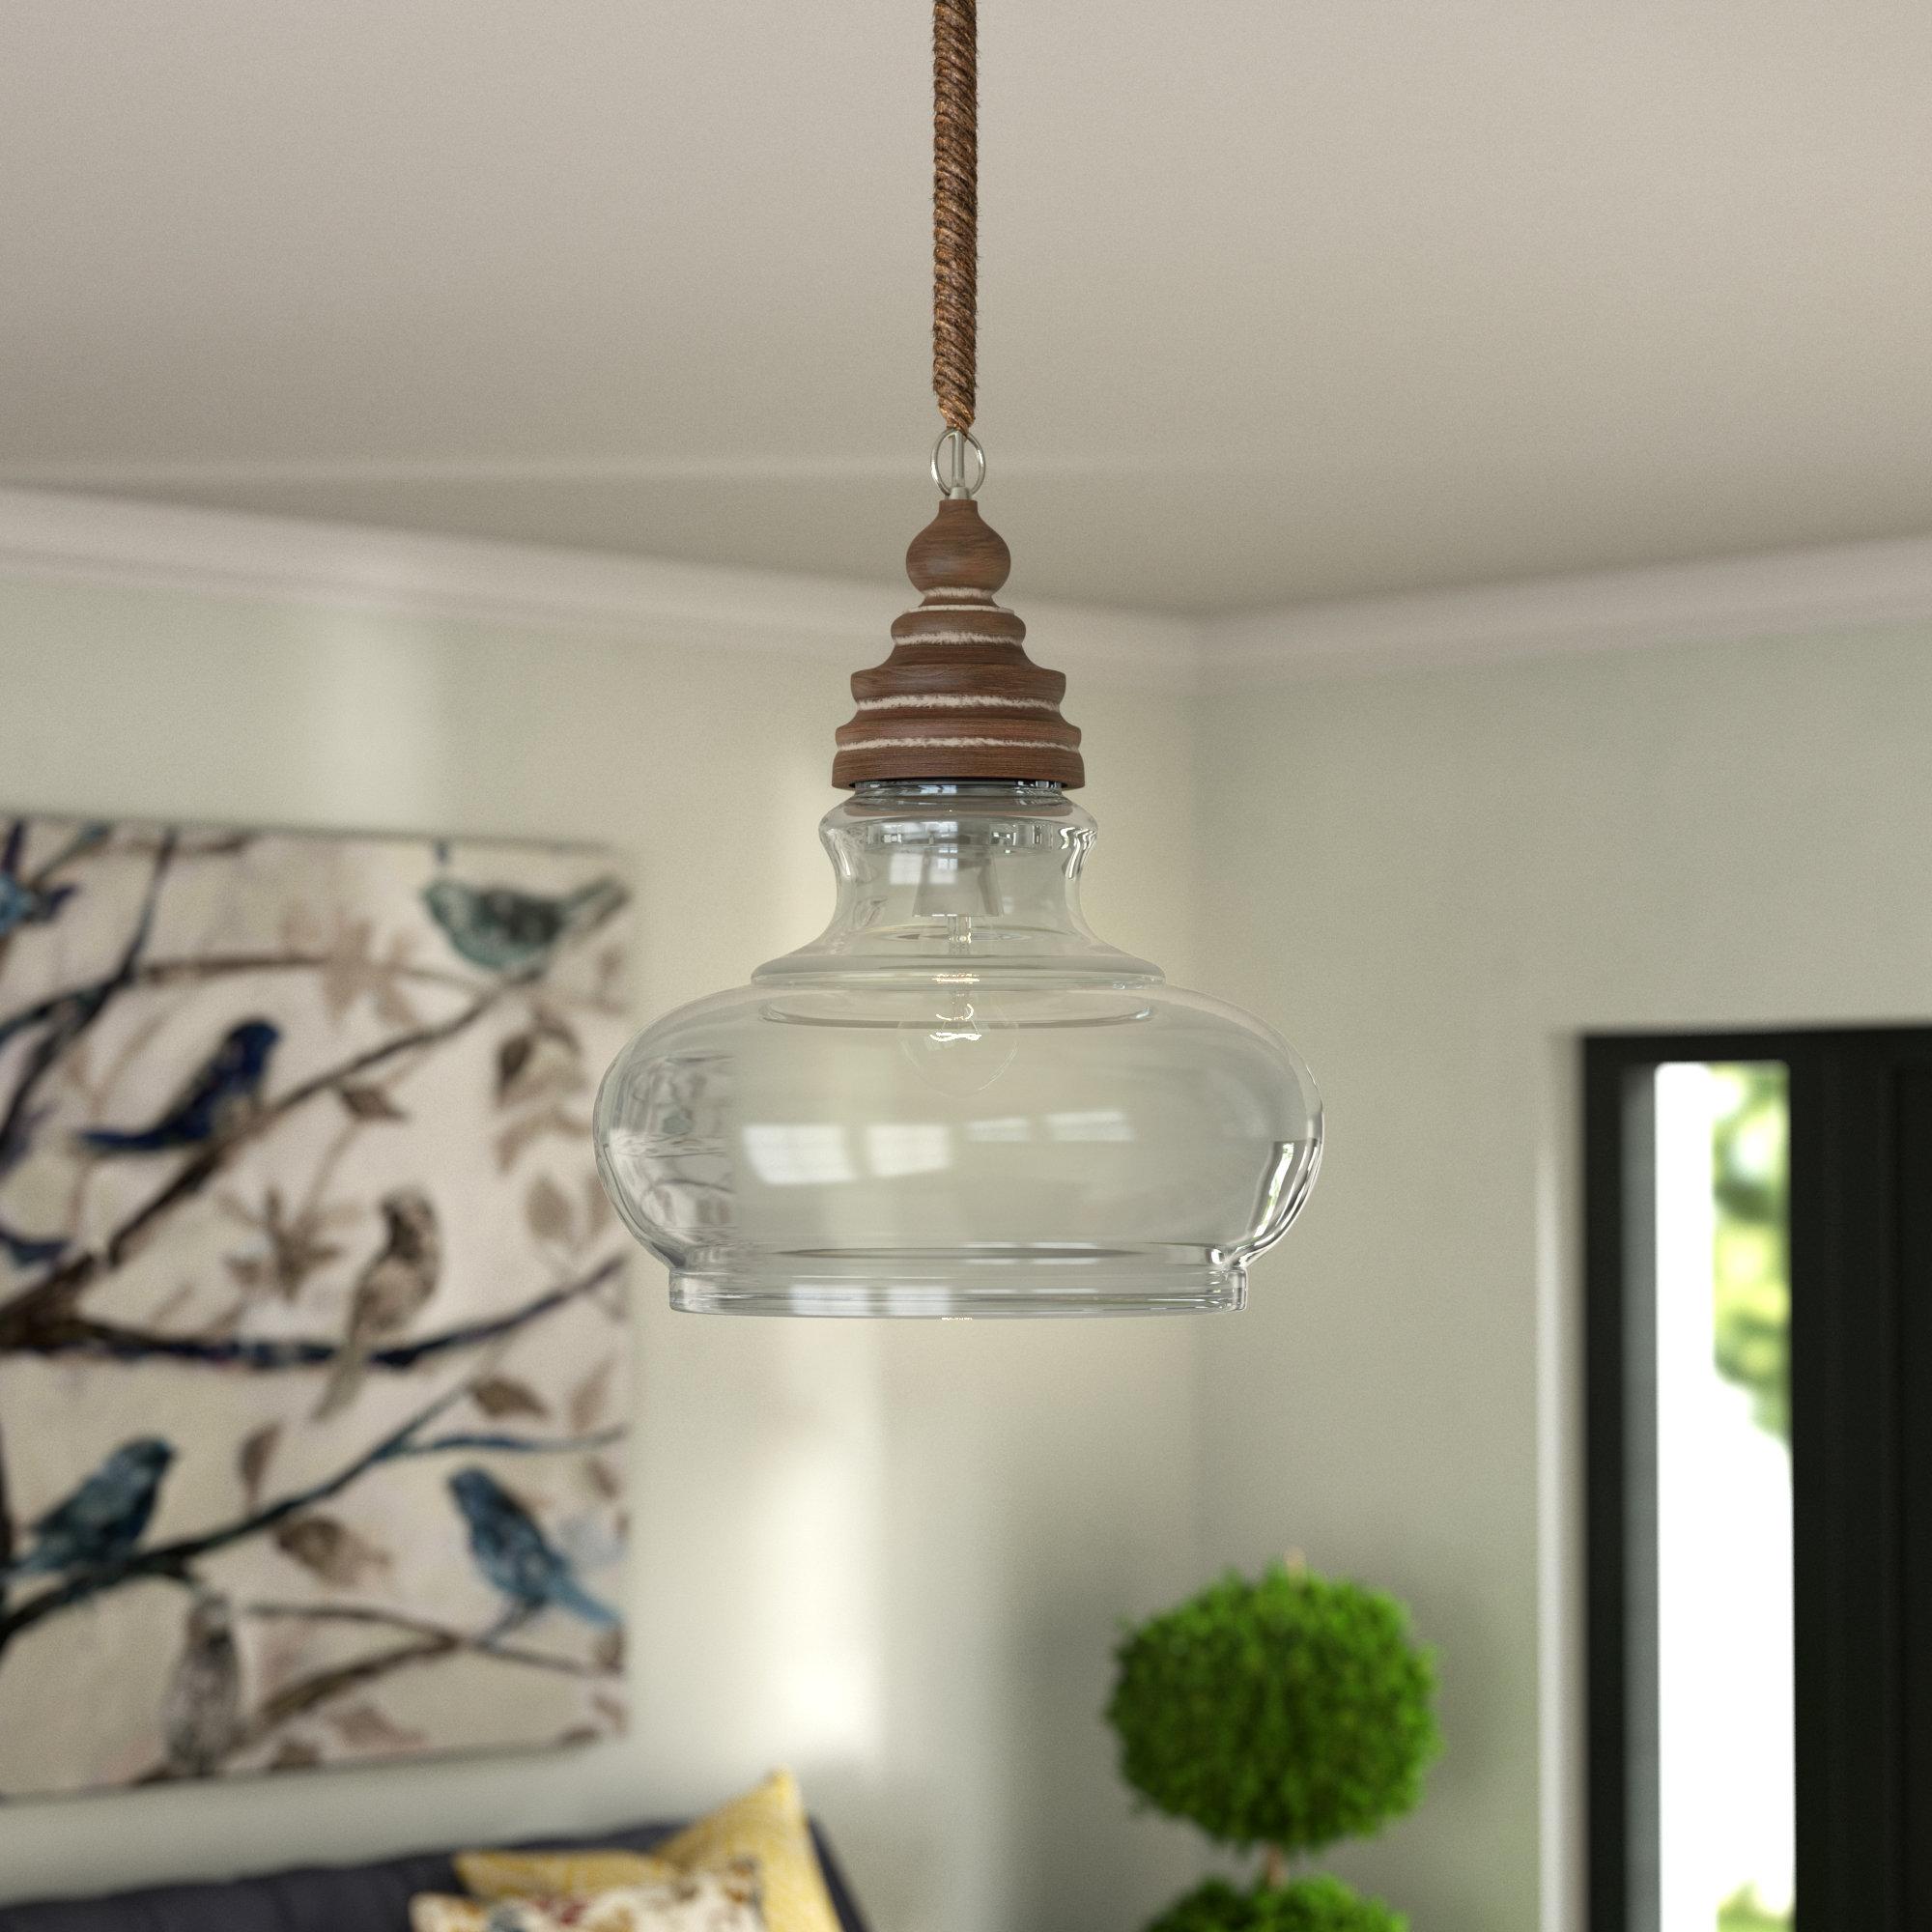 Laurel Foundry Modern Farmhouse Maelle 1-Light Bell Pendant for Abernathy 1-Light Dome Pendants (Image 22 of 30)